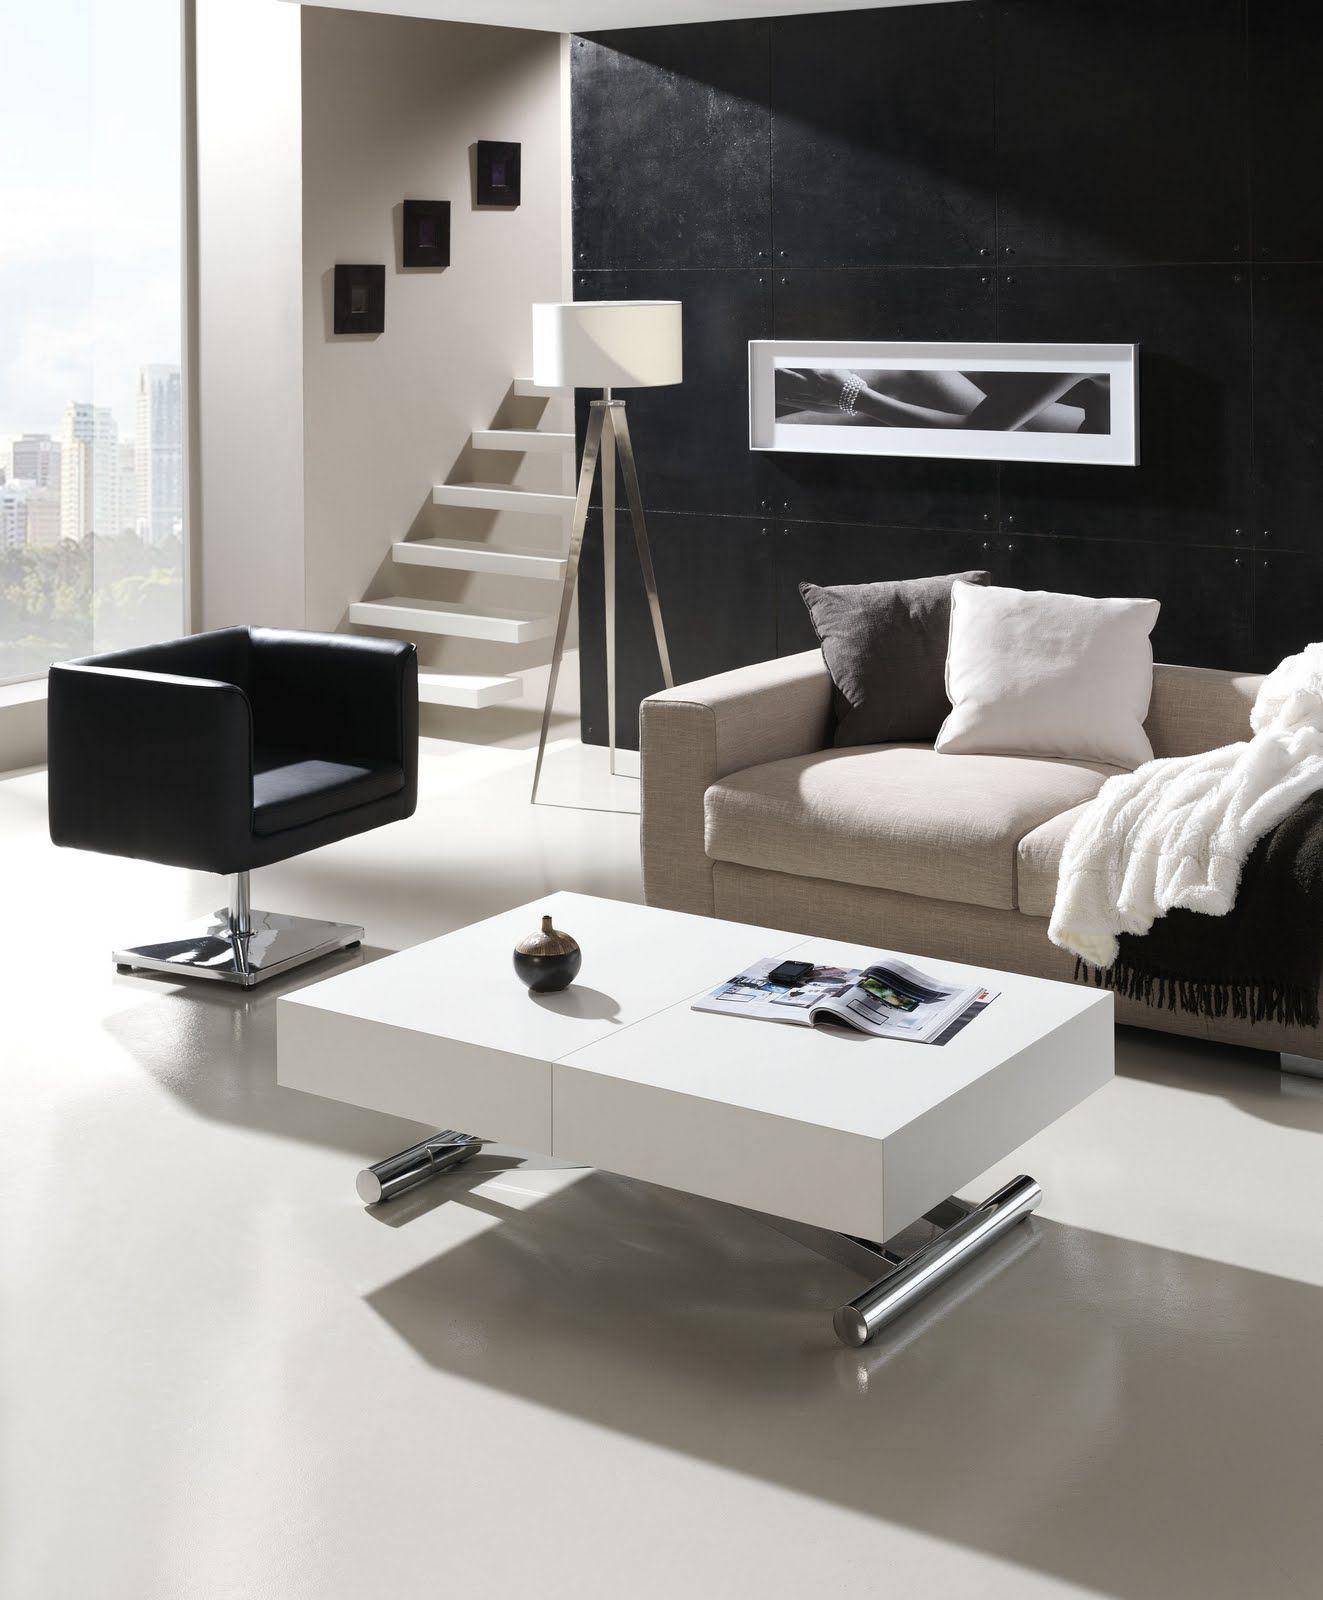 Mesa centro Activa elevable y extensible a comedor | decoración ...